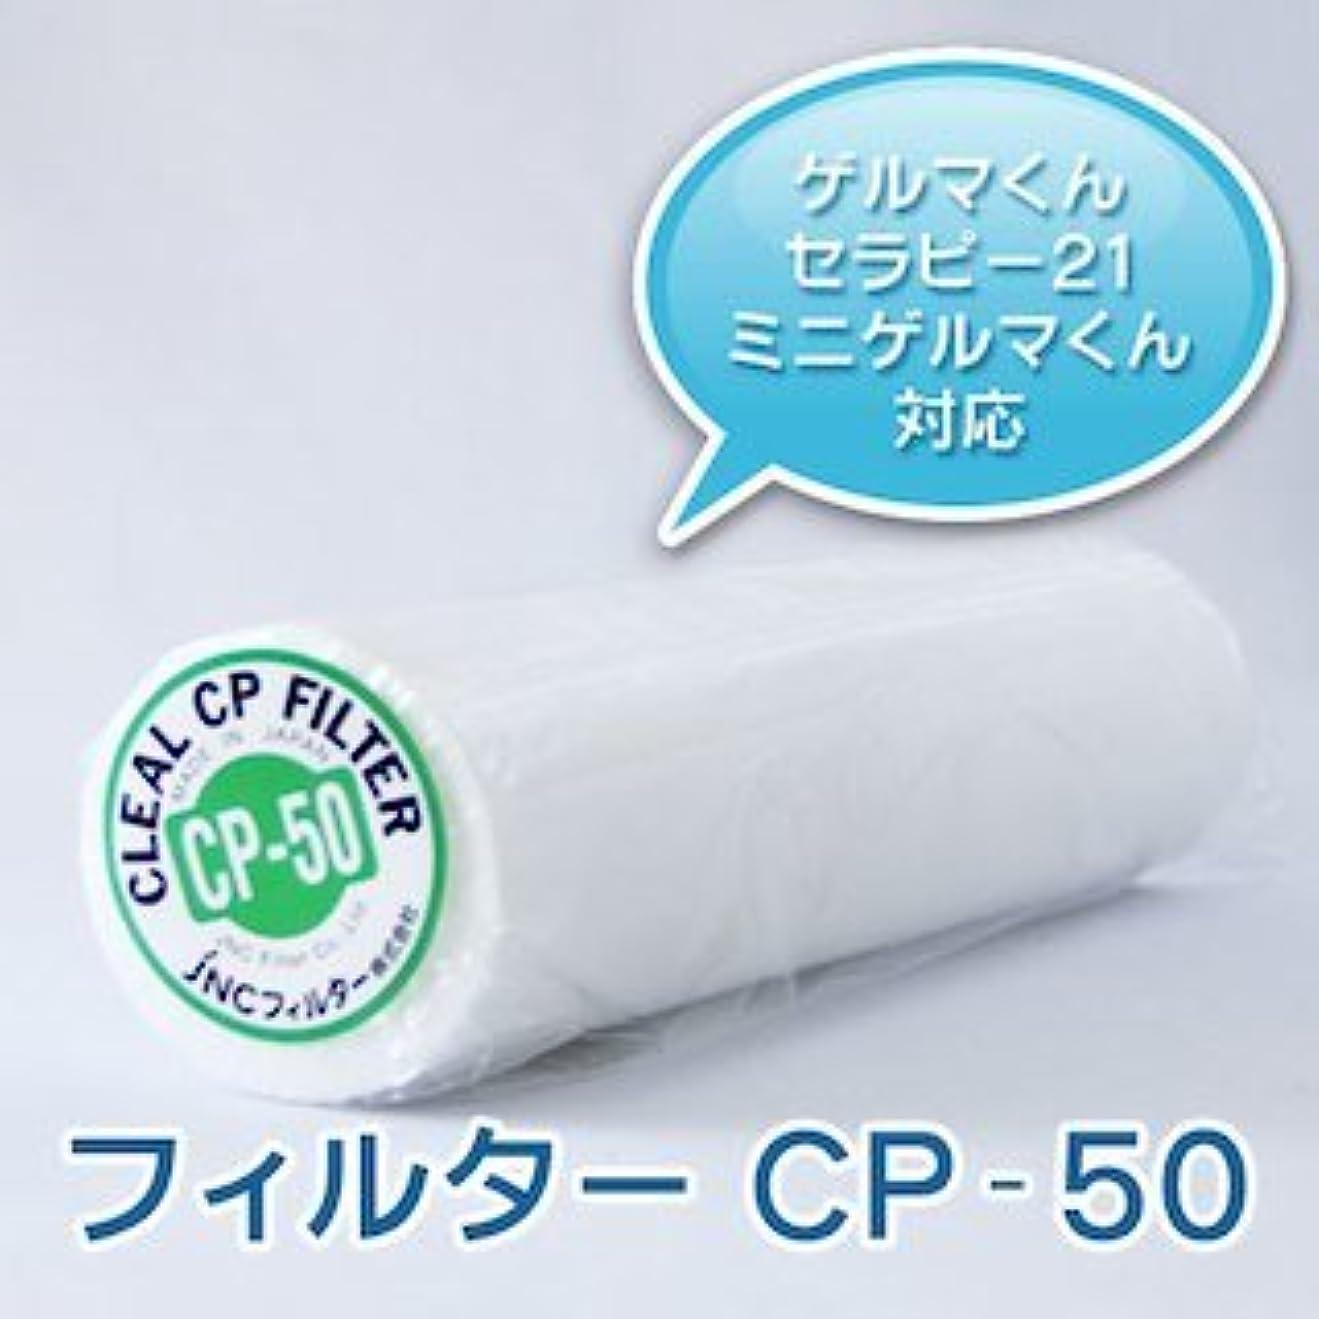 違反する小石損失【ゲルマ フィルター CP-50】 1本  ゲルマニウム 温浴器 ゲルマくん/セラピー21 対応